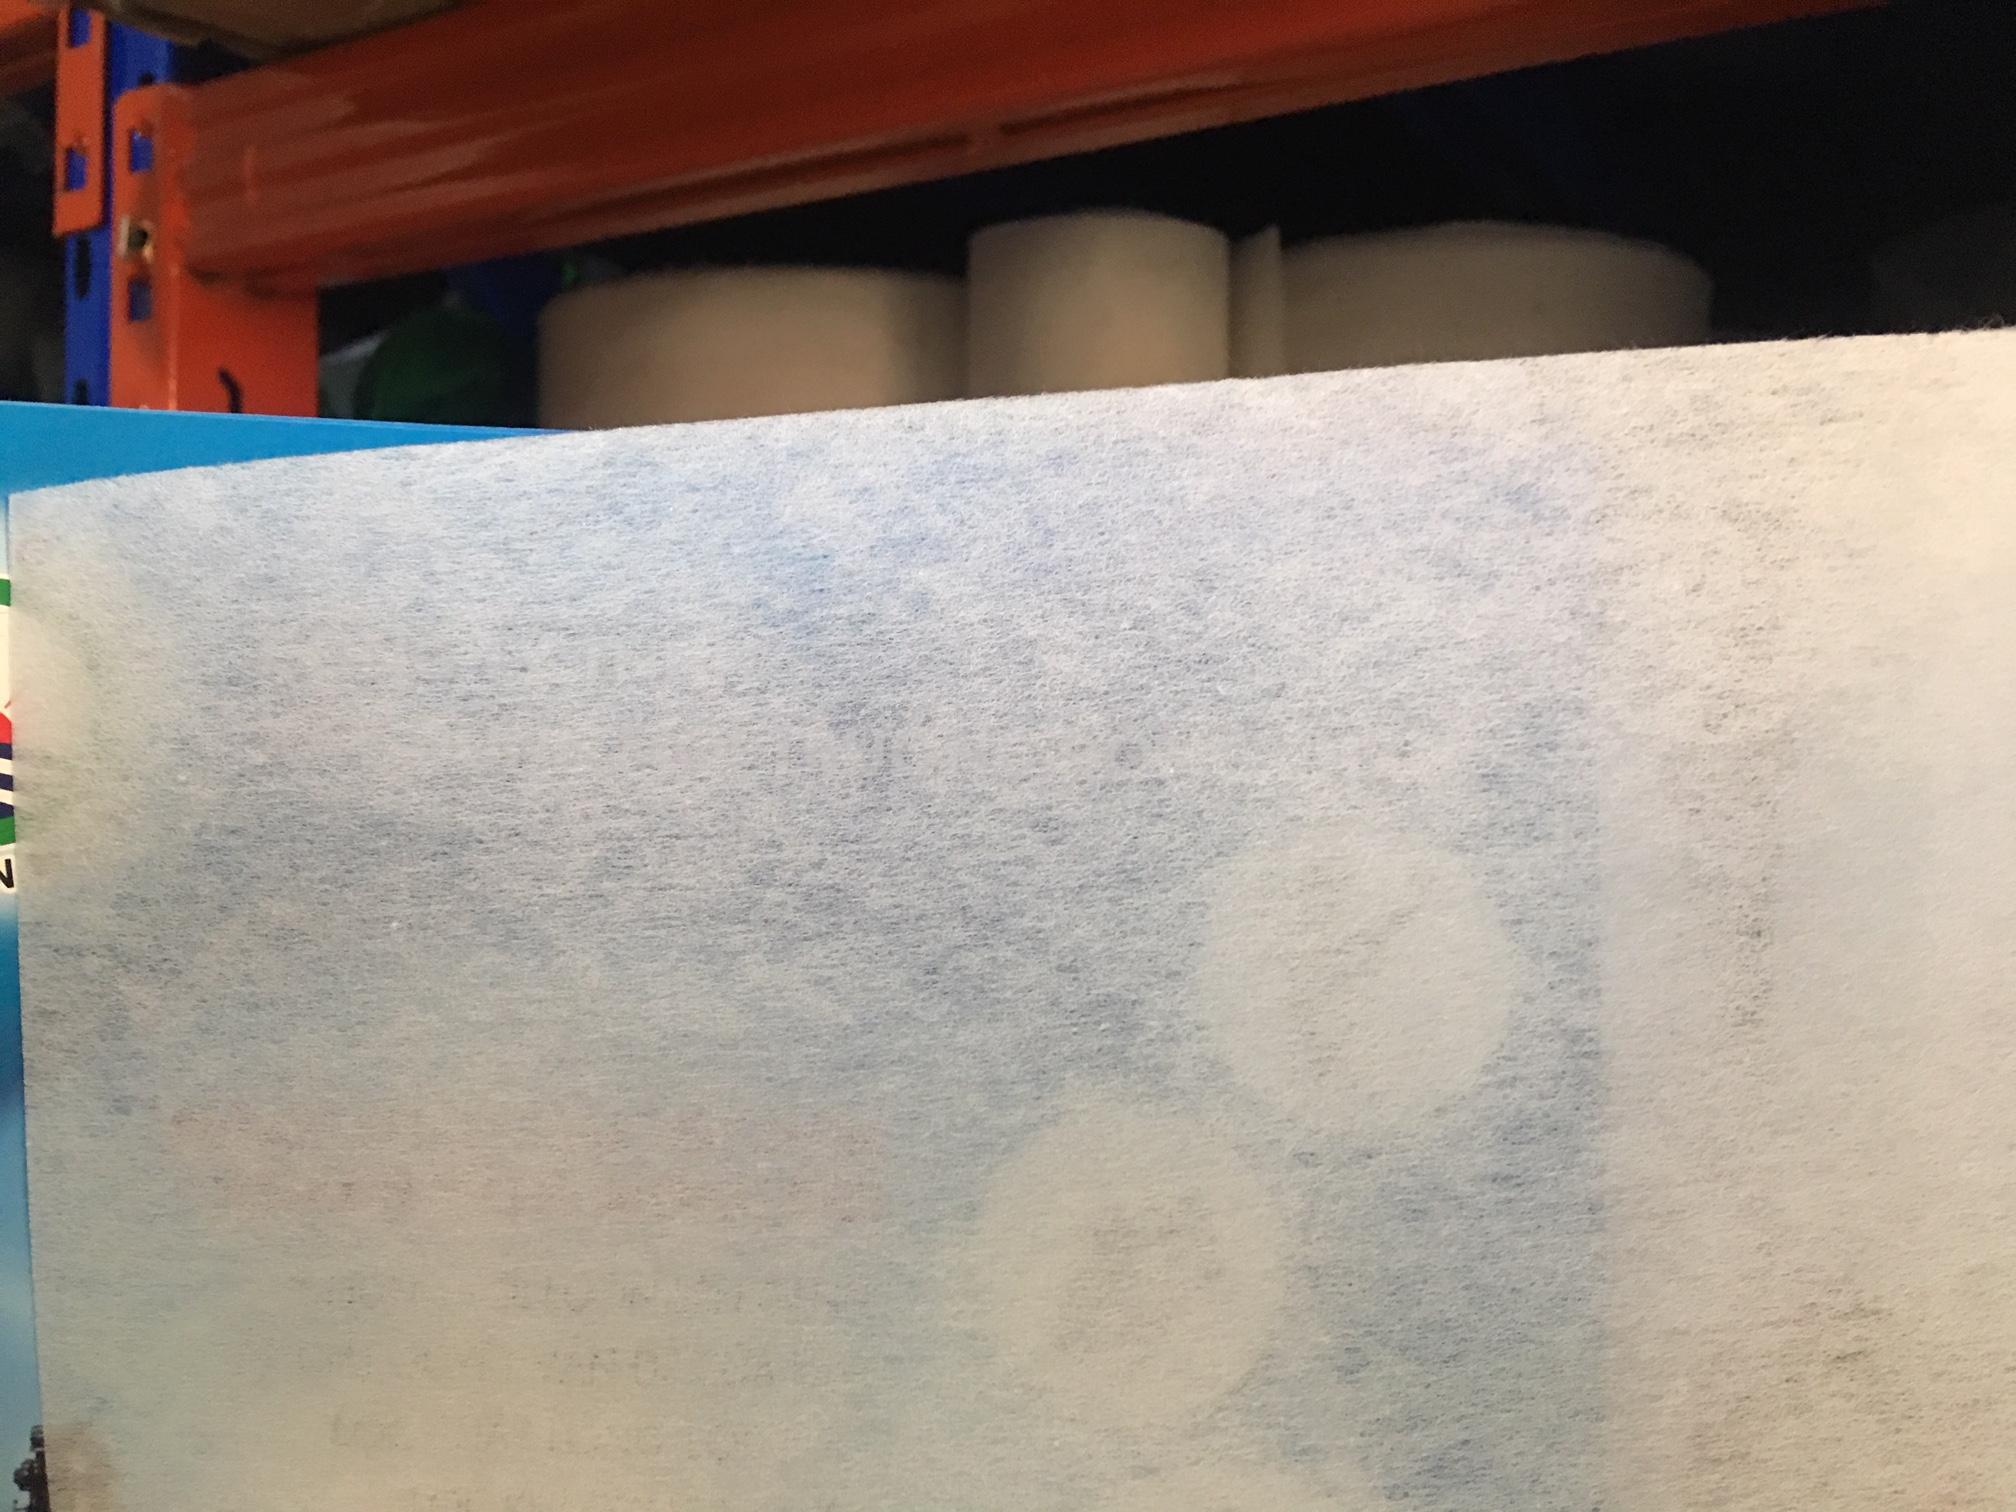 Cuộn Giấy Lọc Công Nghiệp 0.5m X 100m, 30g